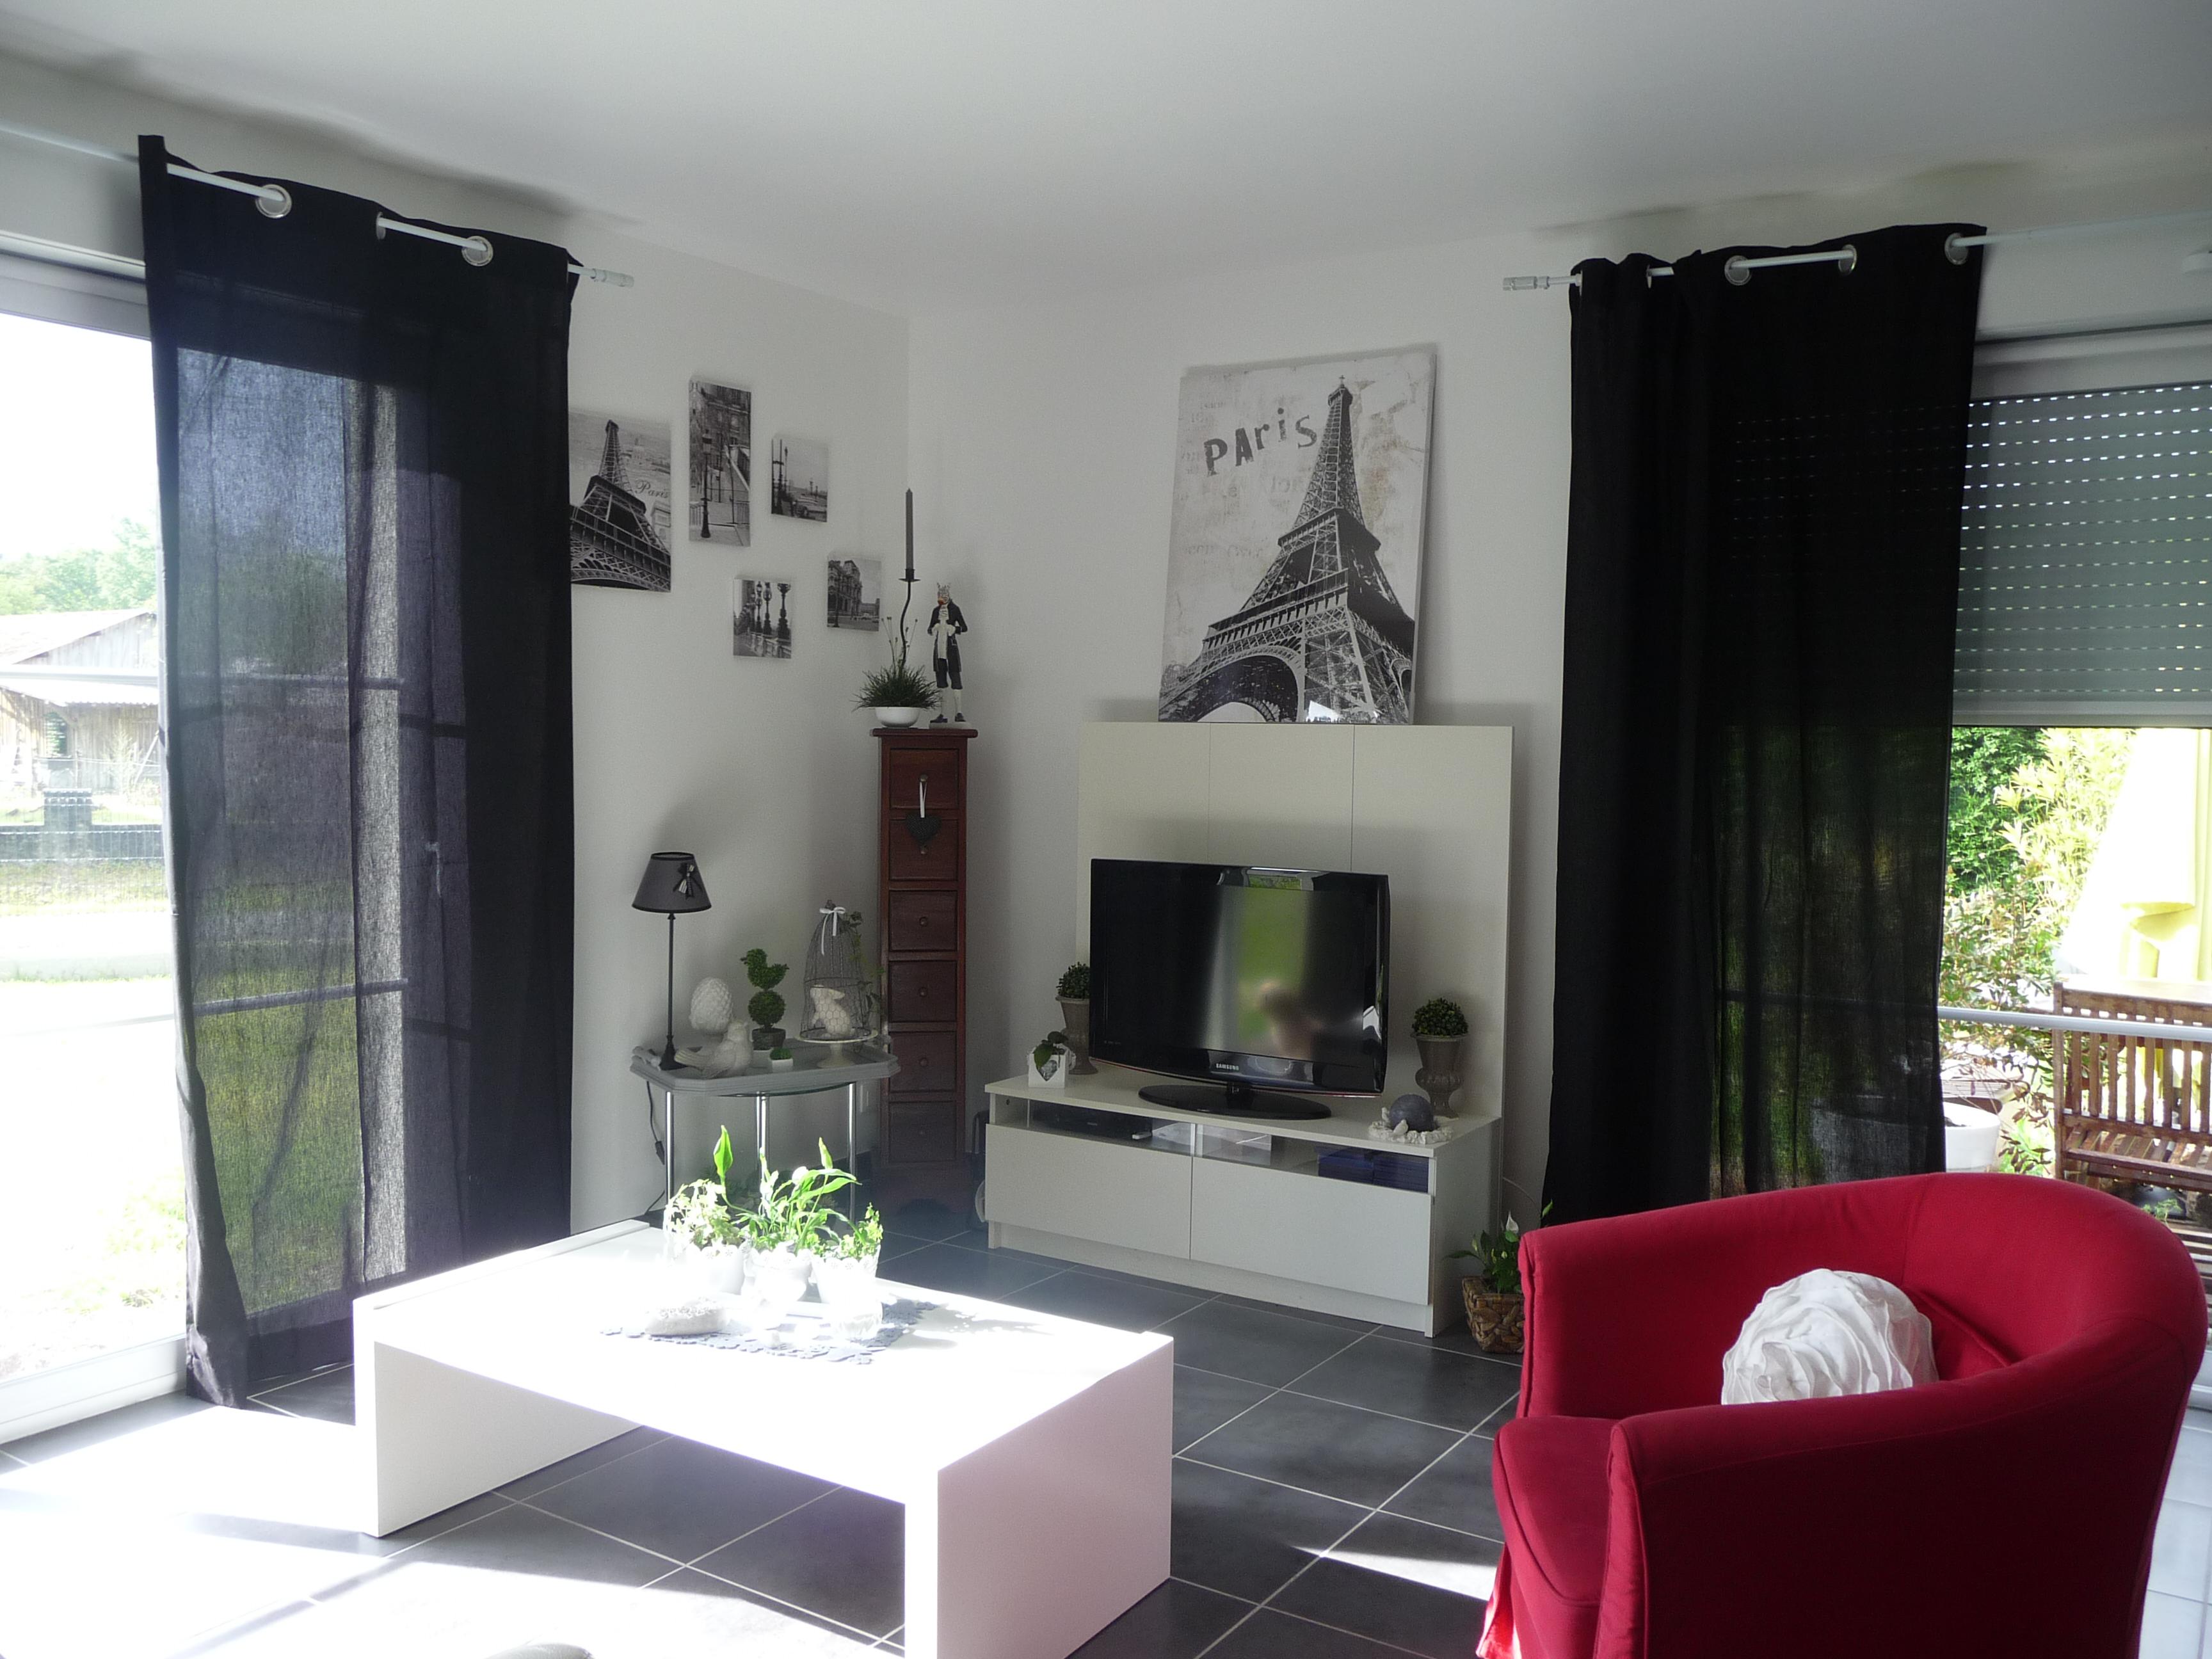 Décoration salon noir et blanc rose - Design en image